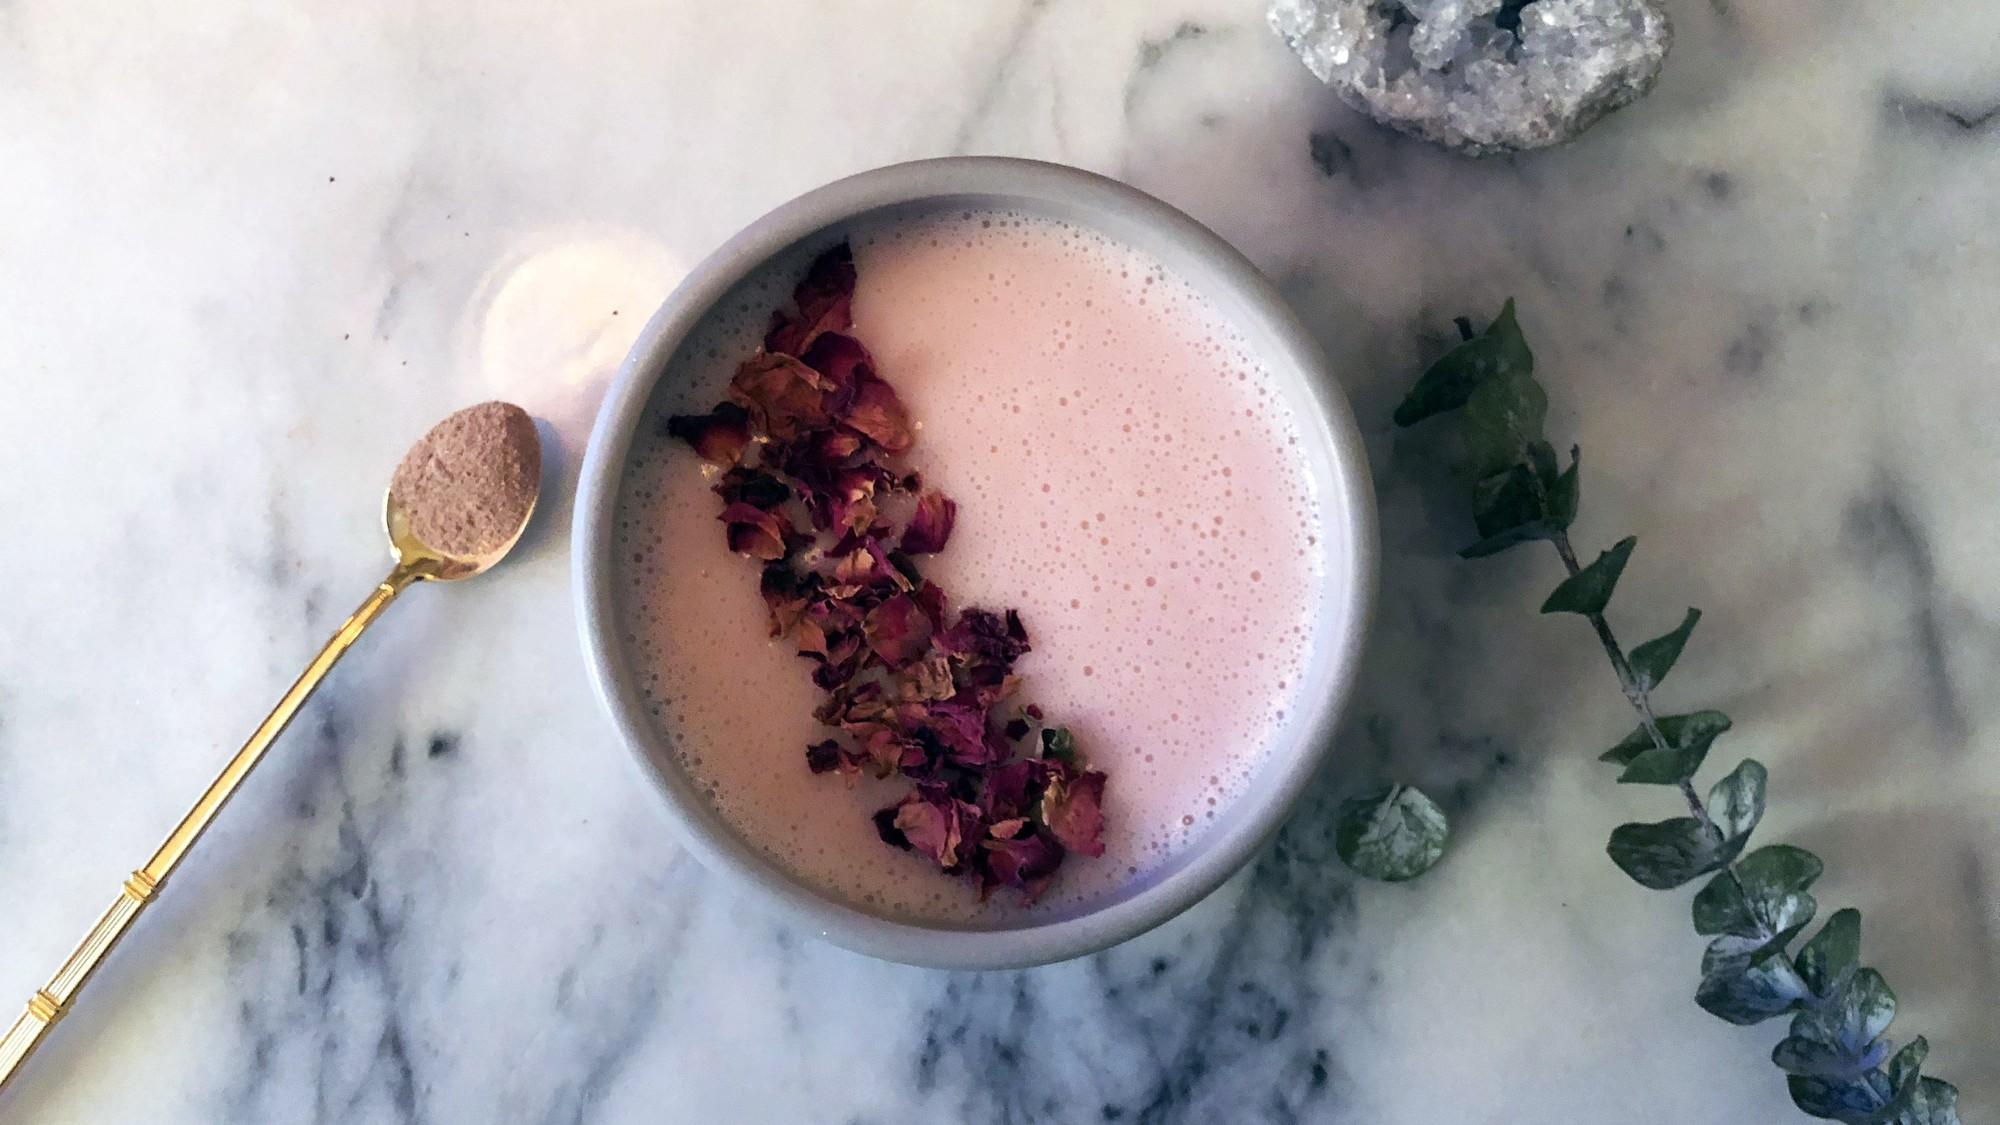 Từ khóa moon milk đang rất hot trên Instagram: nó thực sự là gì vậy? - Ảnh 4.